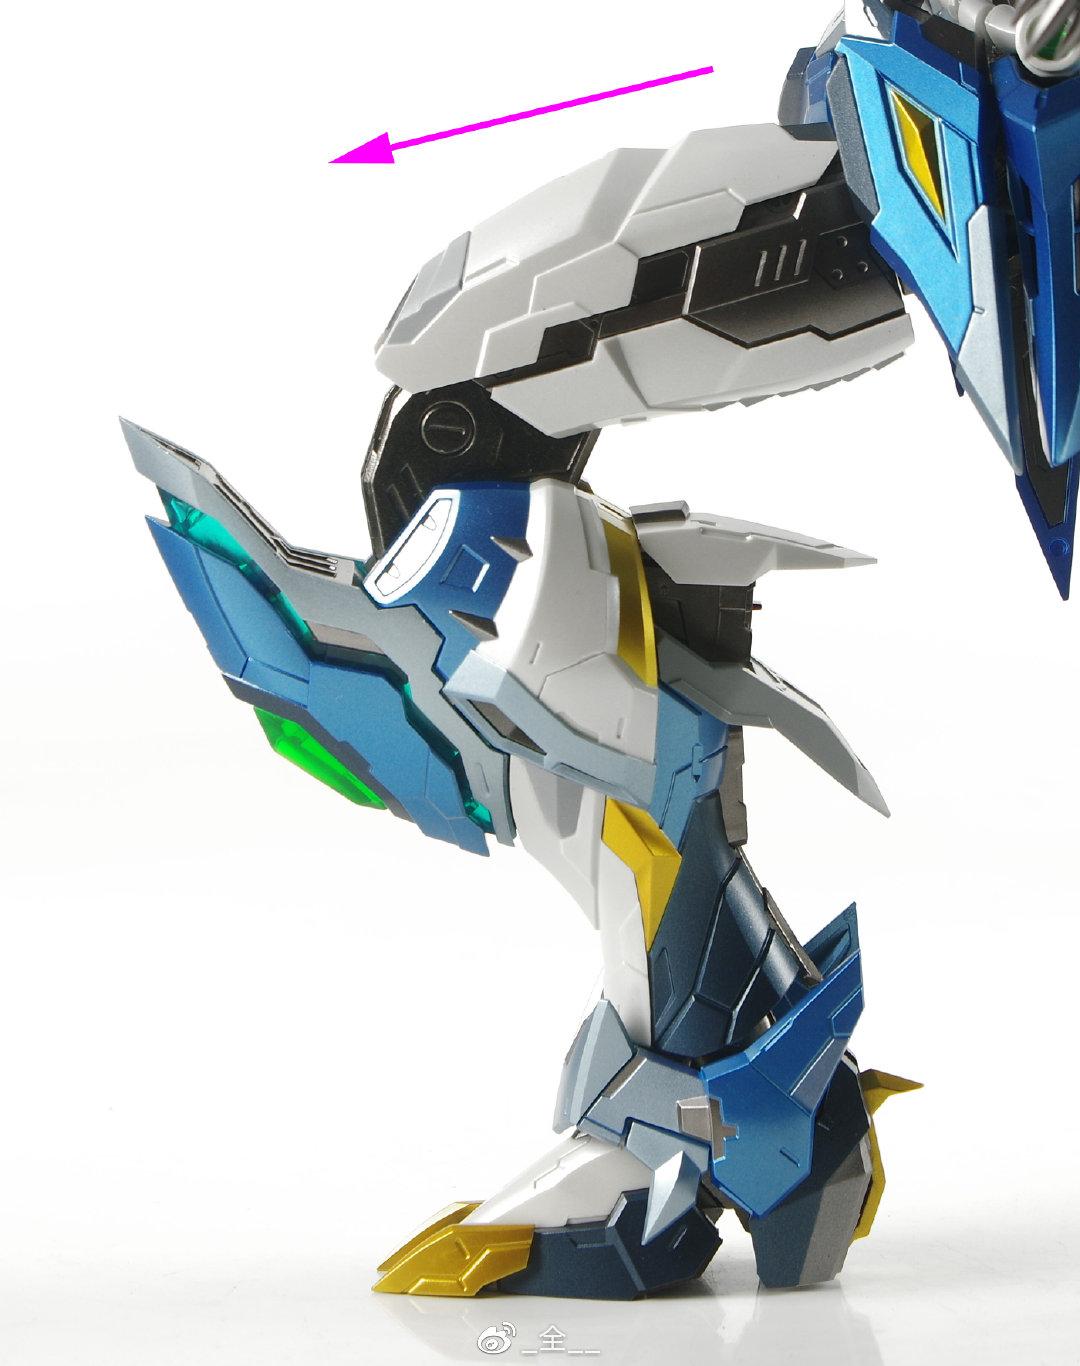 S470_MOTOR_NUCLEAR_MN_Q03_blue_gragon_ao_bing_di_hui_xing_han_long_zi_051.jpg